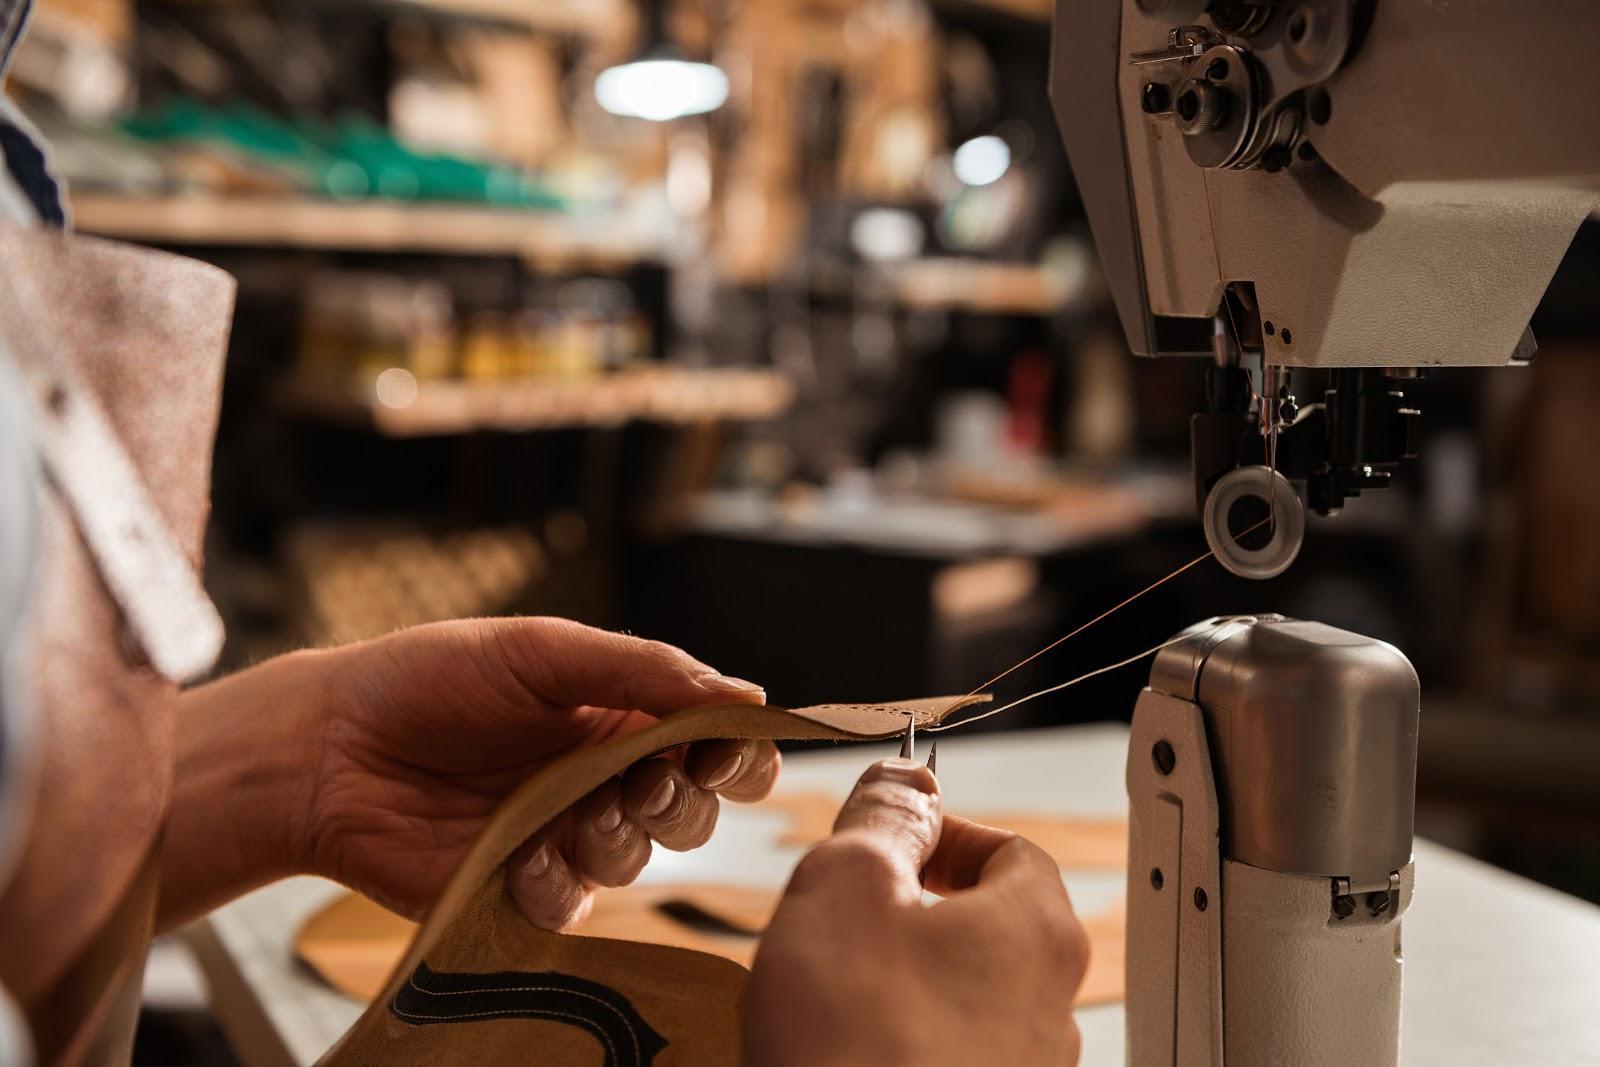 Sản phẩm cần được làm tỉ mỉ trong từng đường kim, mũi chỉ